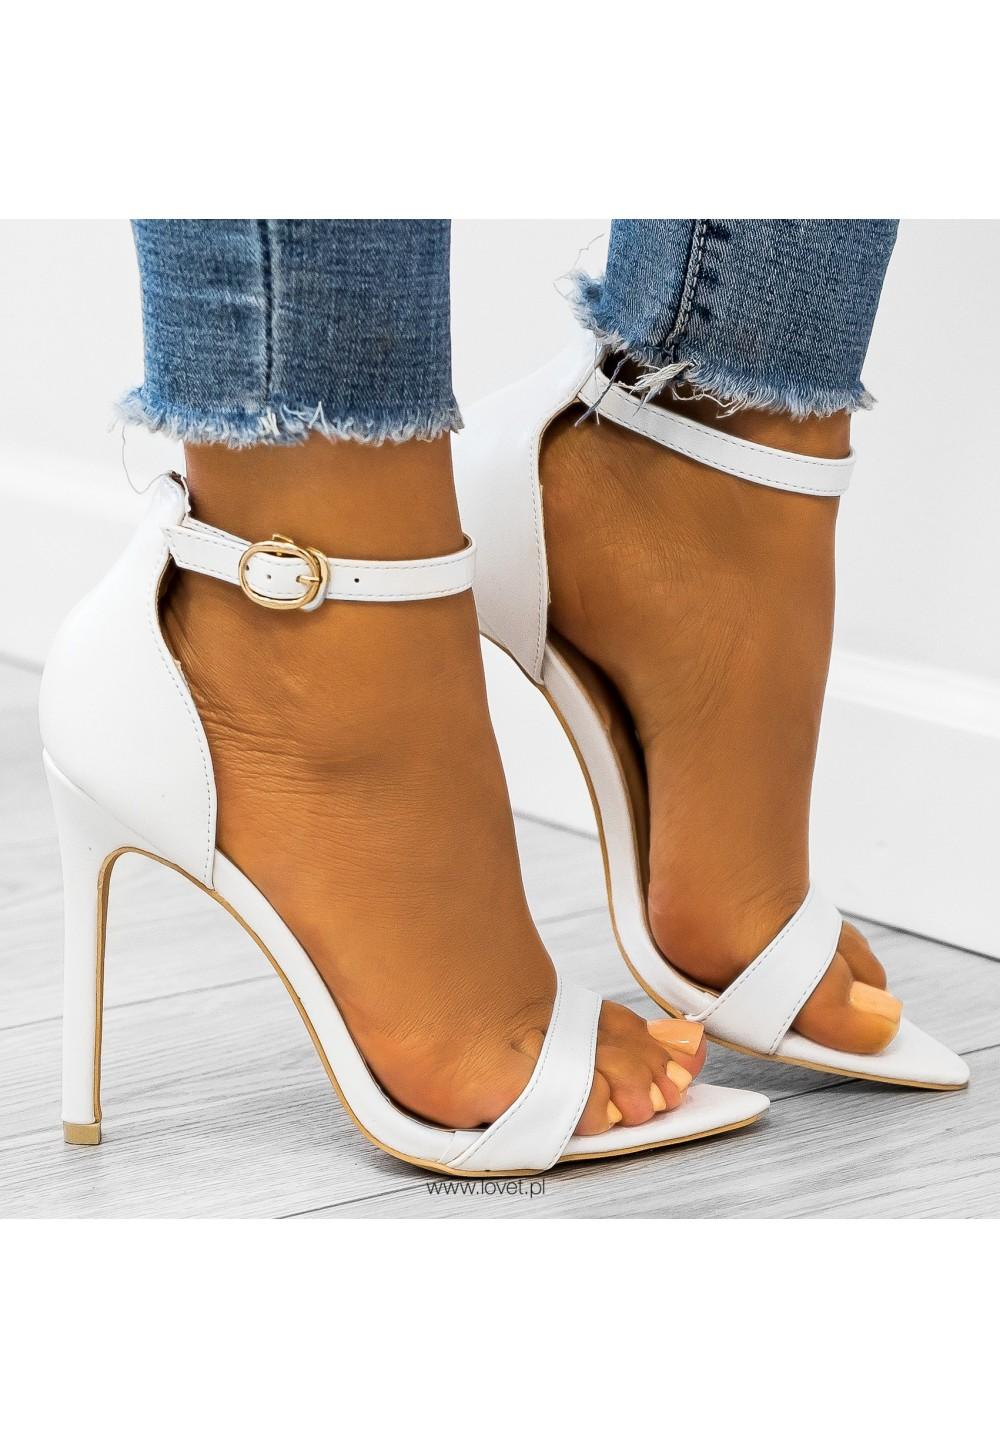 Sandały Szpilki Białe Amelia